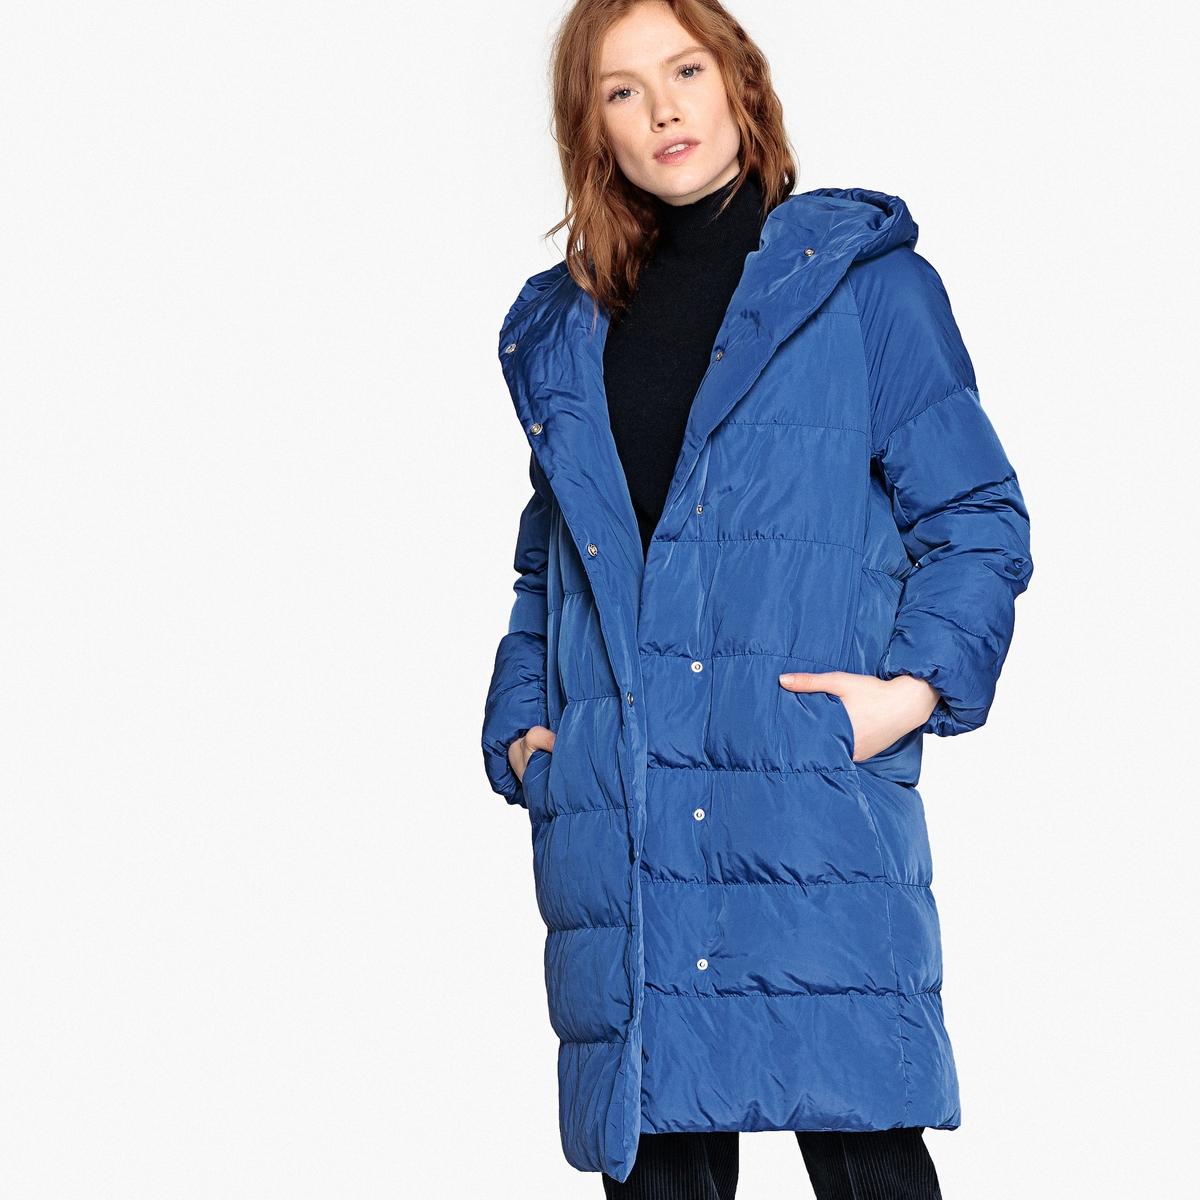 Куртка стеганая с капюшоном удлиненная куртка с капюшоном peggy ho удлиненная куртка с капюшоном